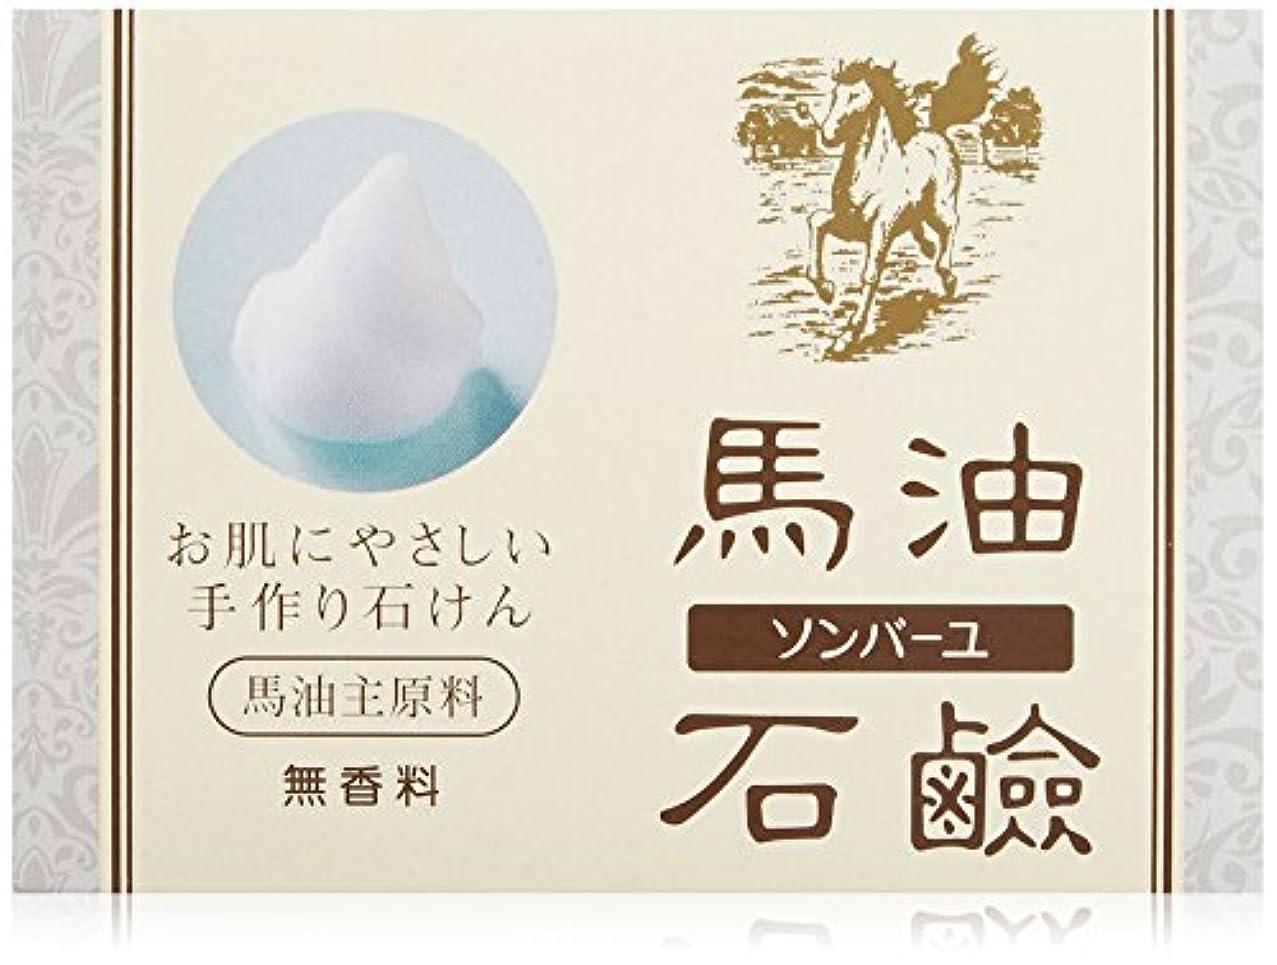 バレエバレルモザイク薬師堂 ソンバーユ馬油石鹸(無香料) 85g